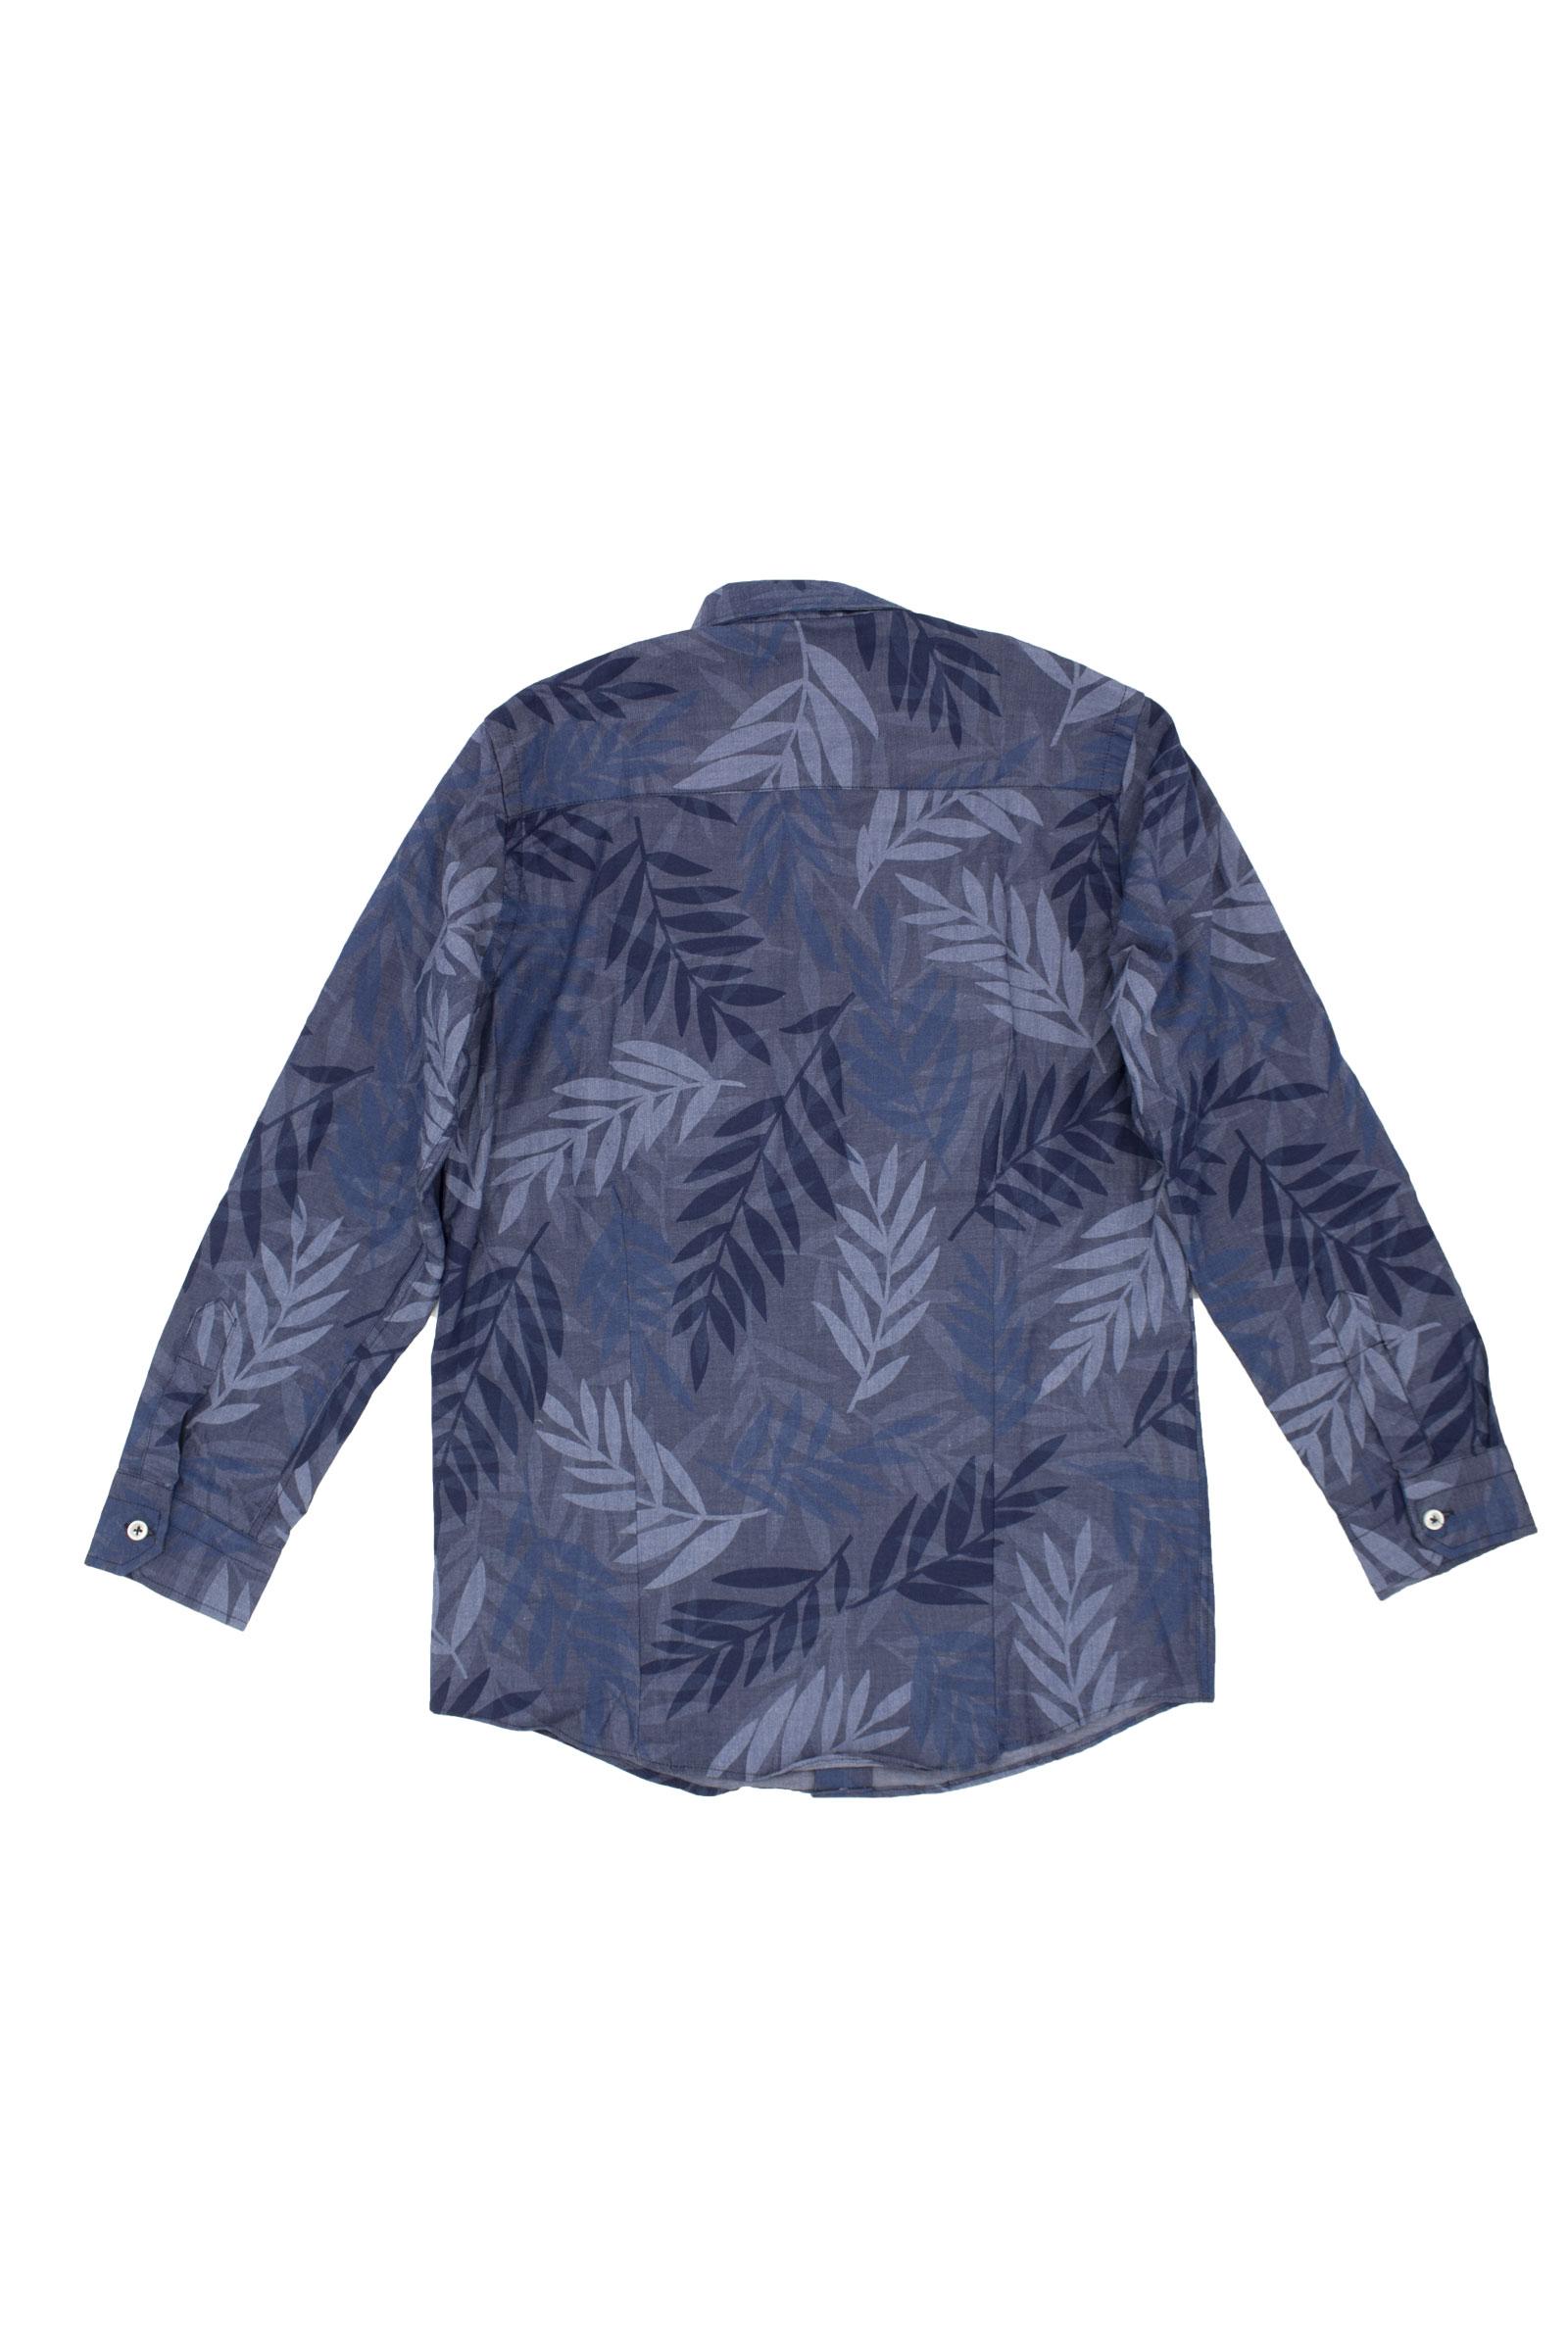 Paul Lan shirt PAUL LAN | Shirt | PL1010JEANS